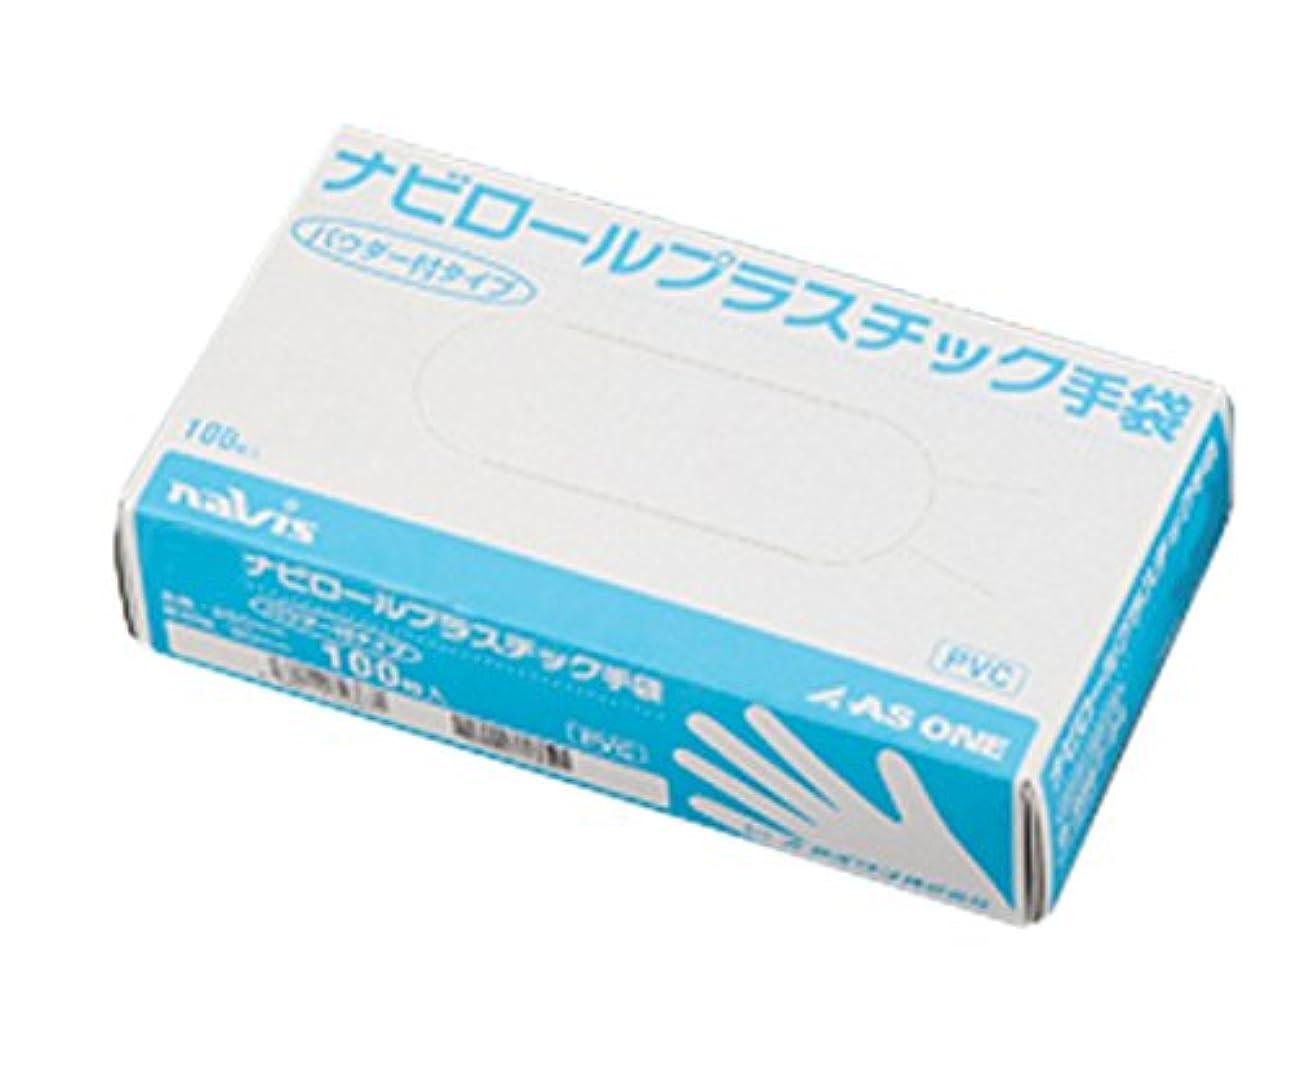 匿名イブニング誘惑するアズワン ナビロールプラスチック手袋(パウダー付き) SS 100枚入